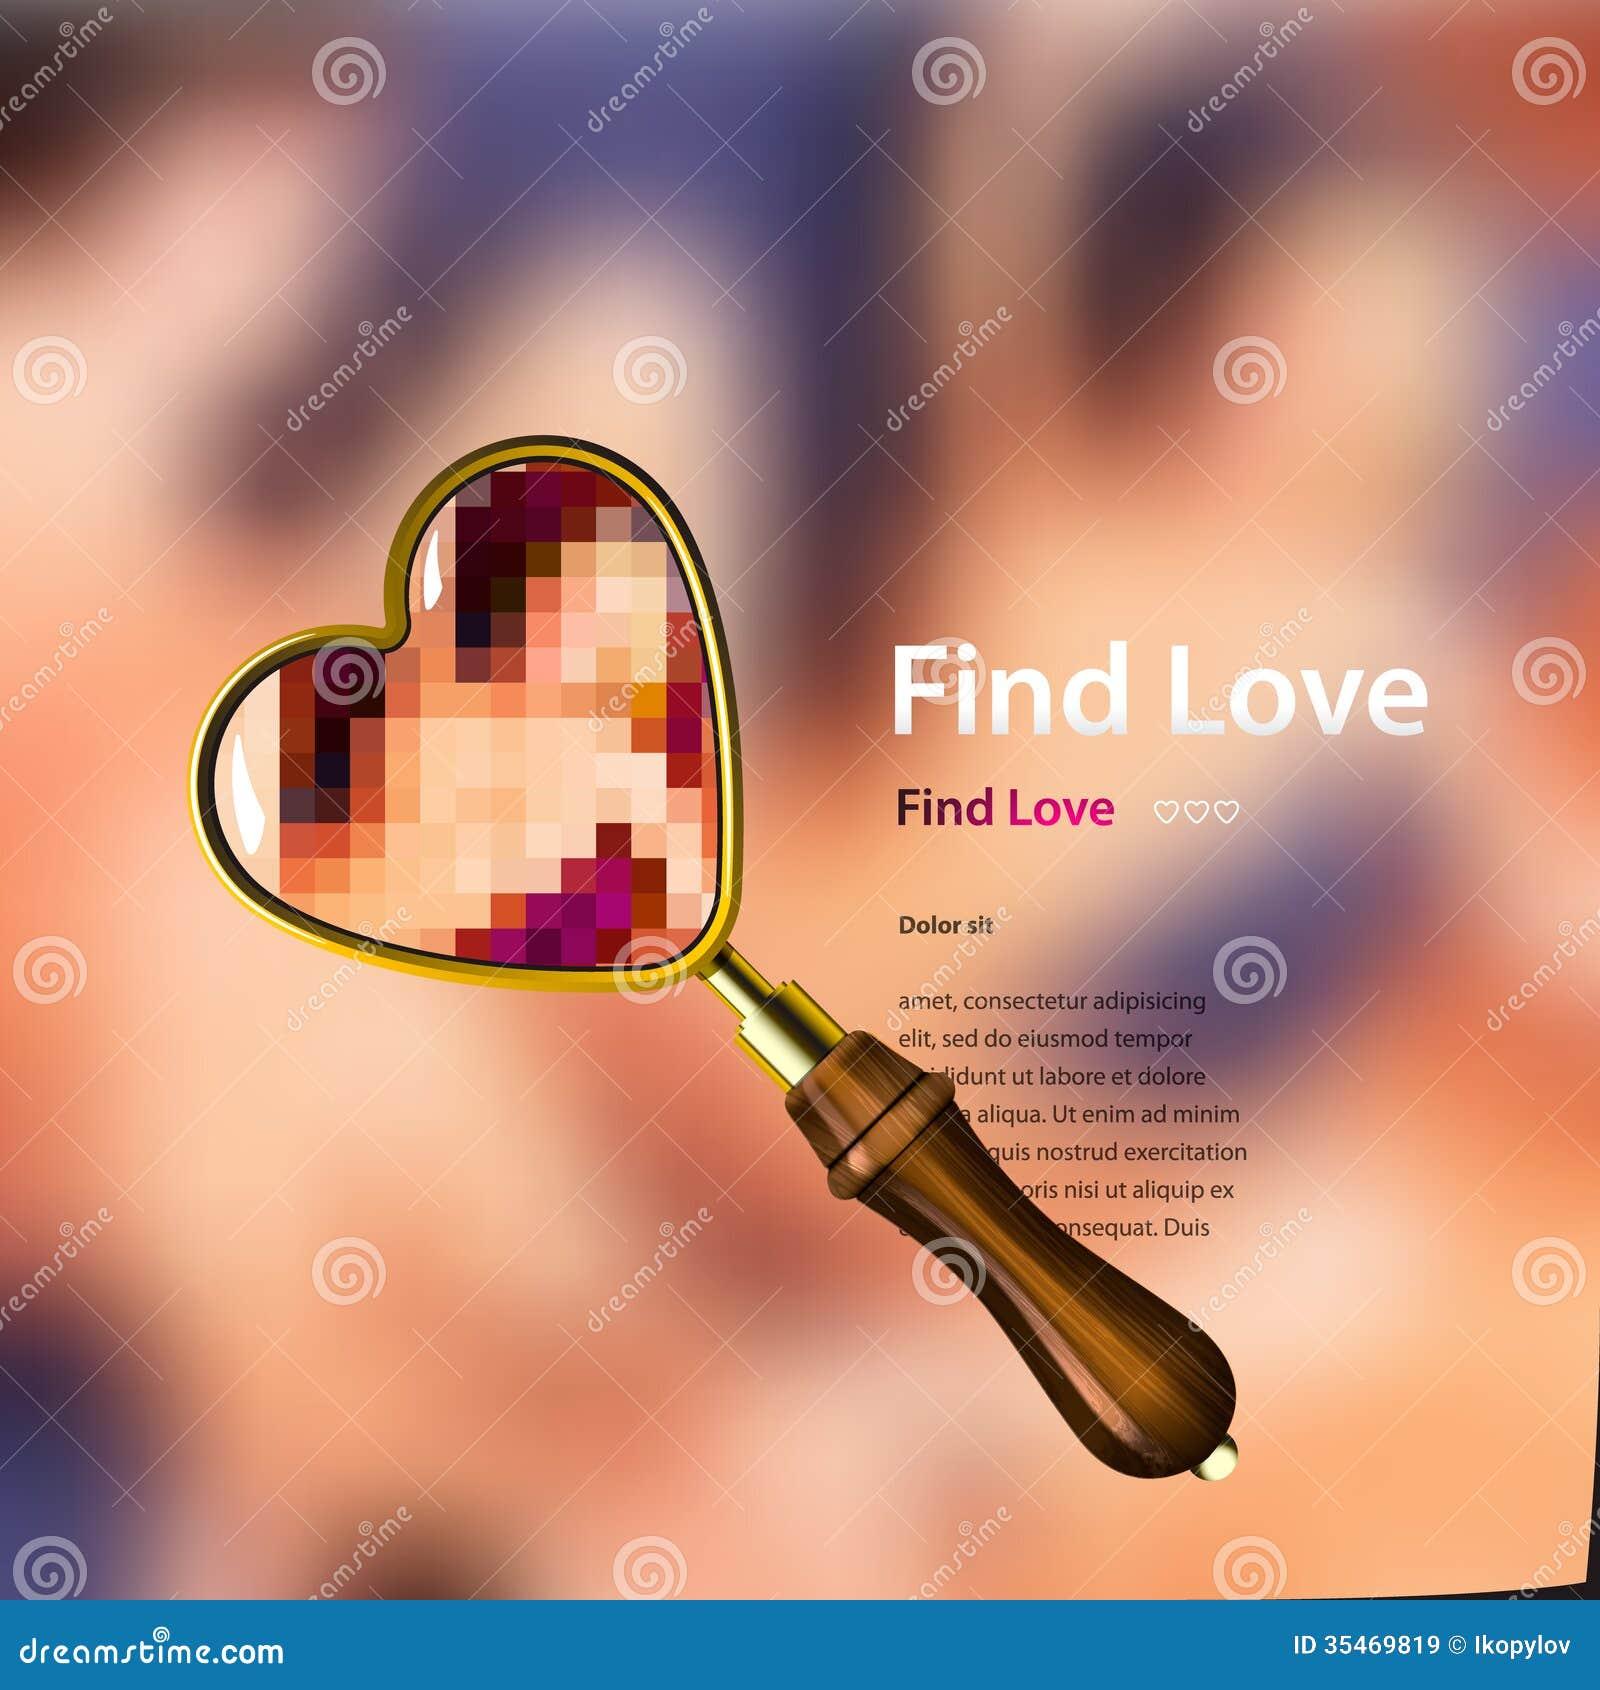 Znalezisko miłość, wektorowa ilustracja.